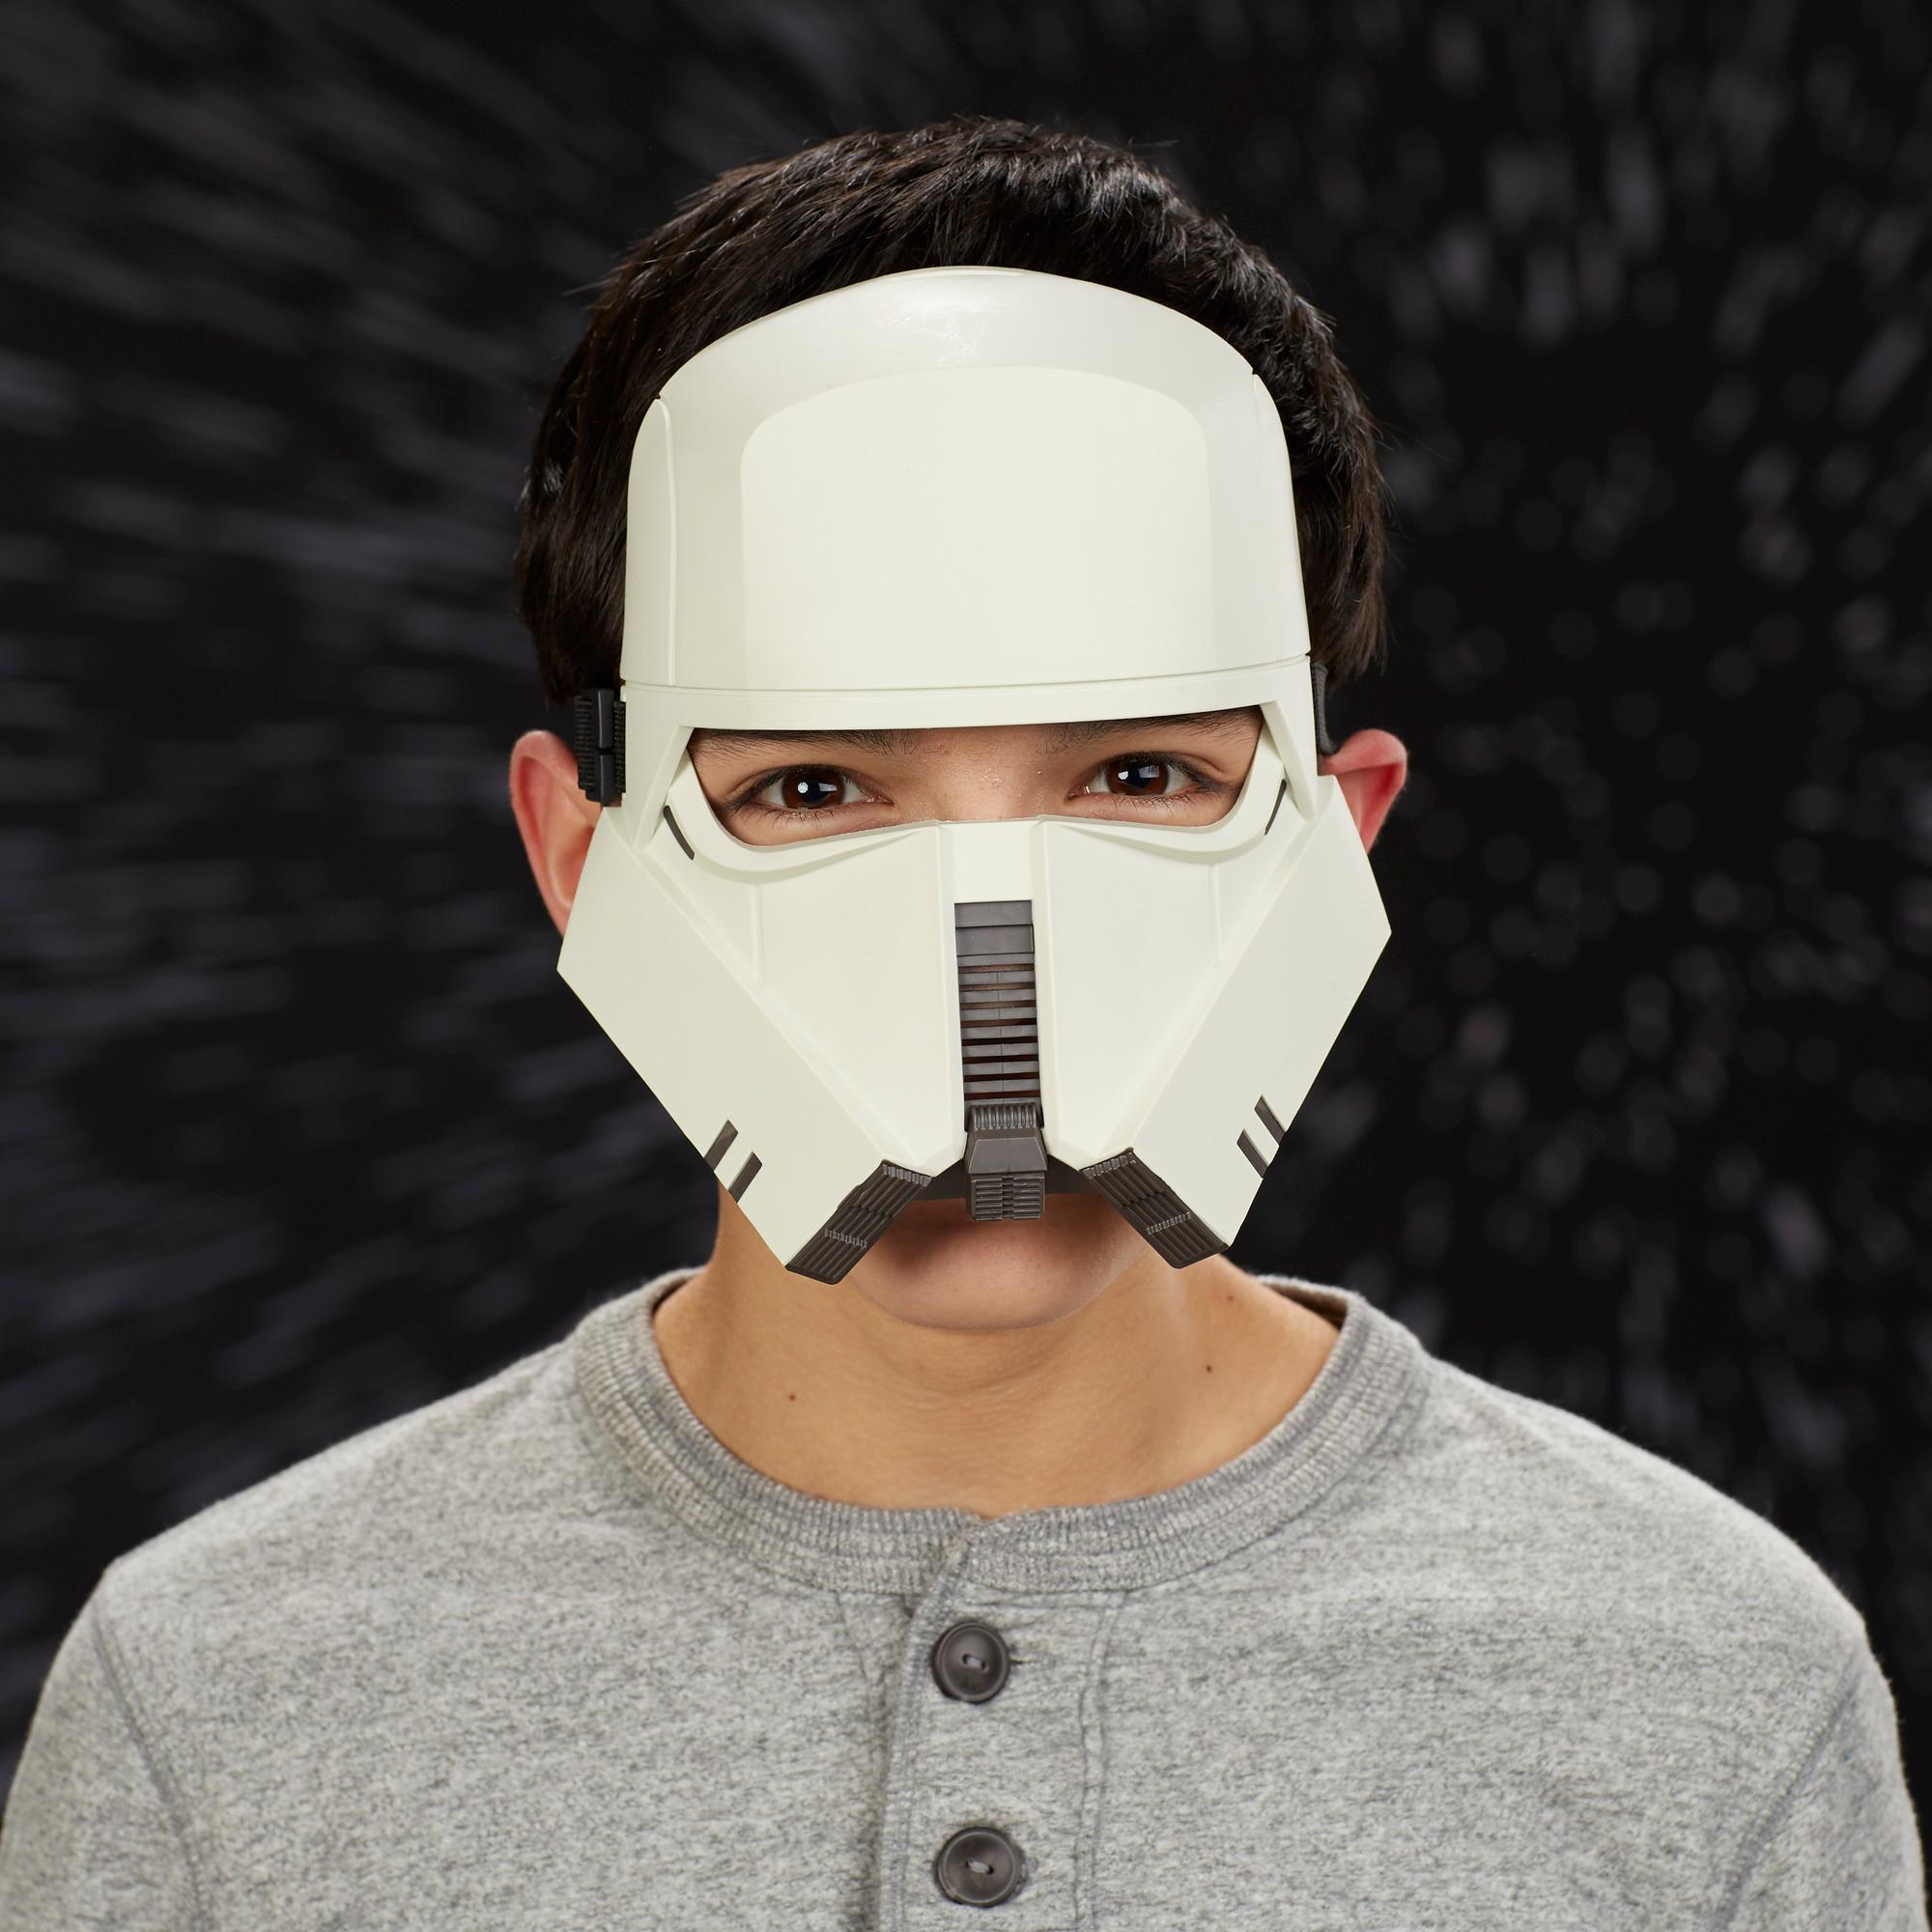 Star Wars Han Solo - Máscara de Range Trooper